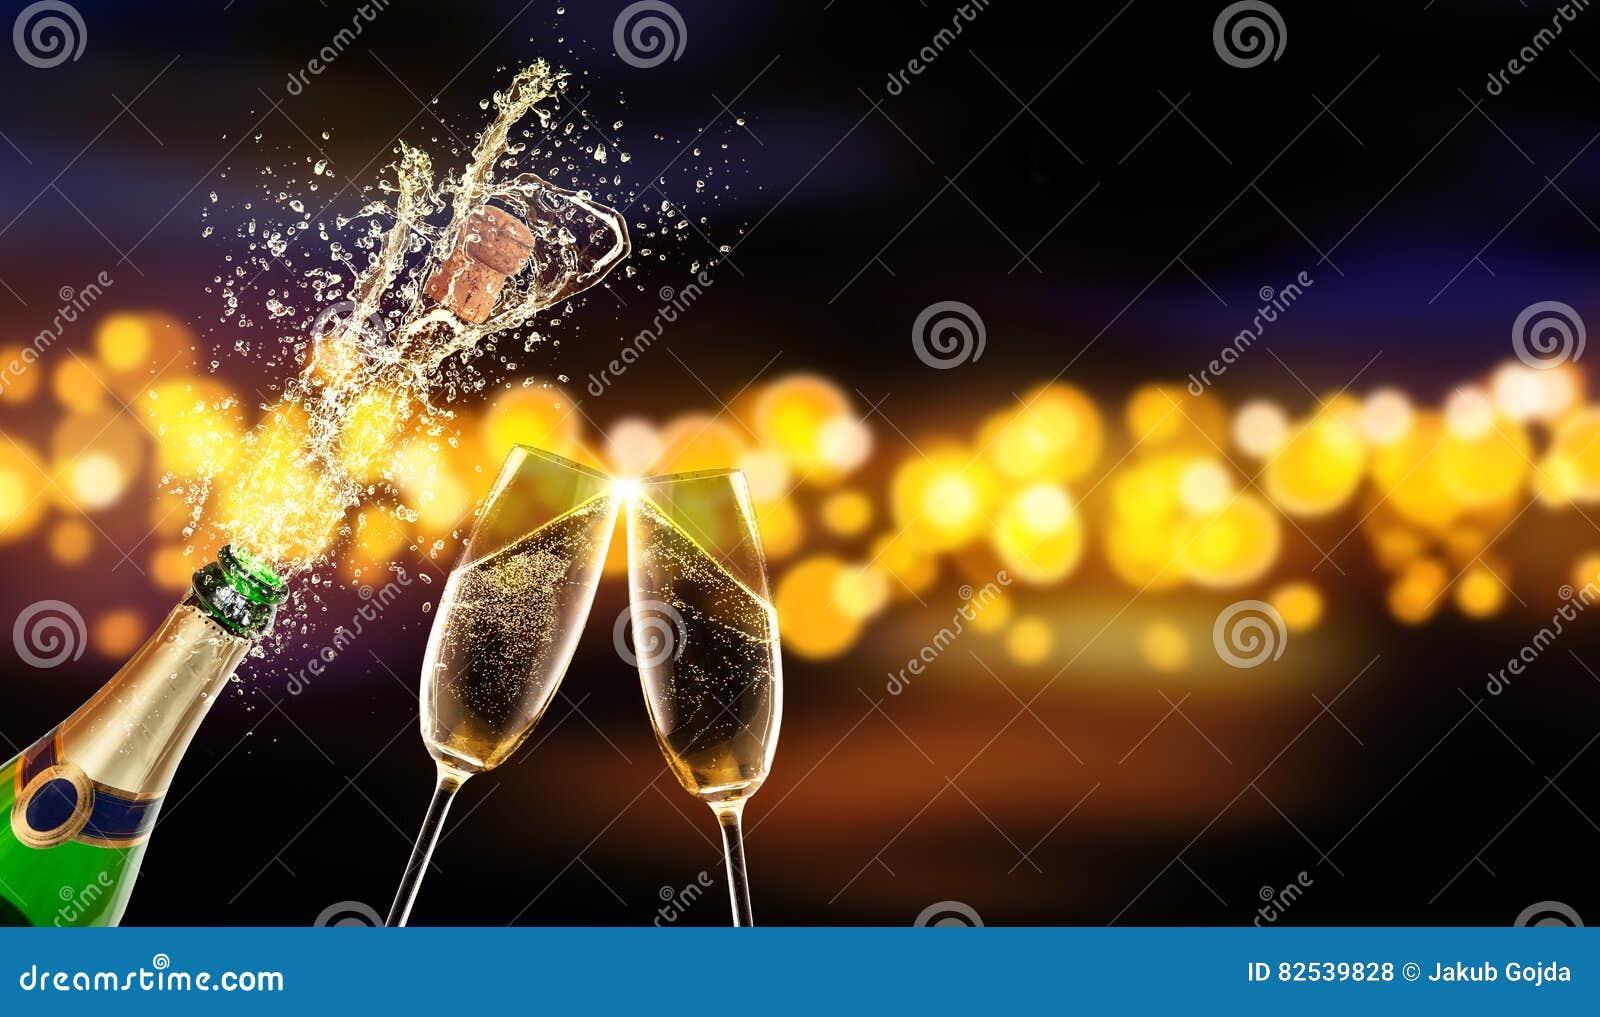 Flaska av champagne med exponeringsglas över suddighetsbakgrund